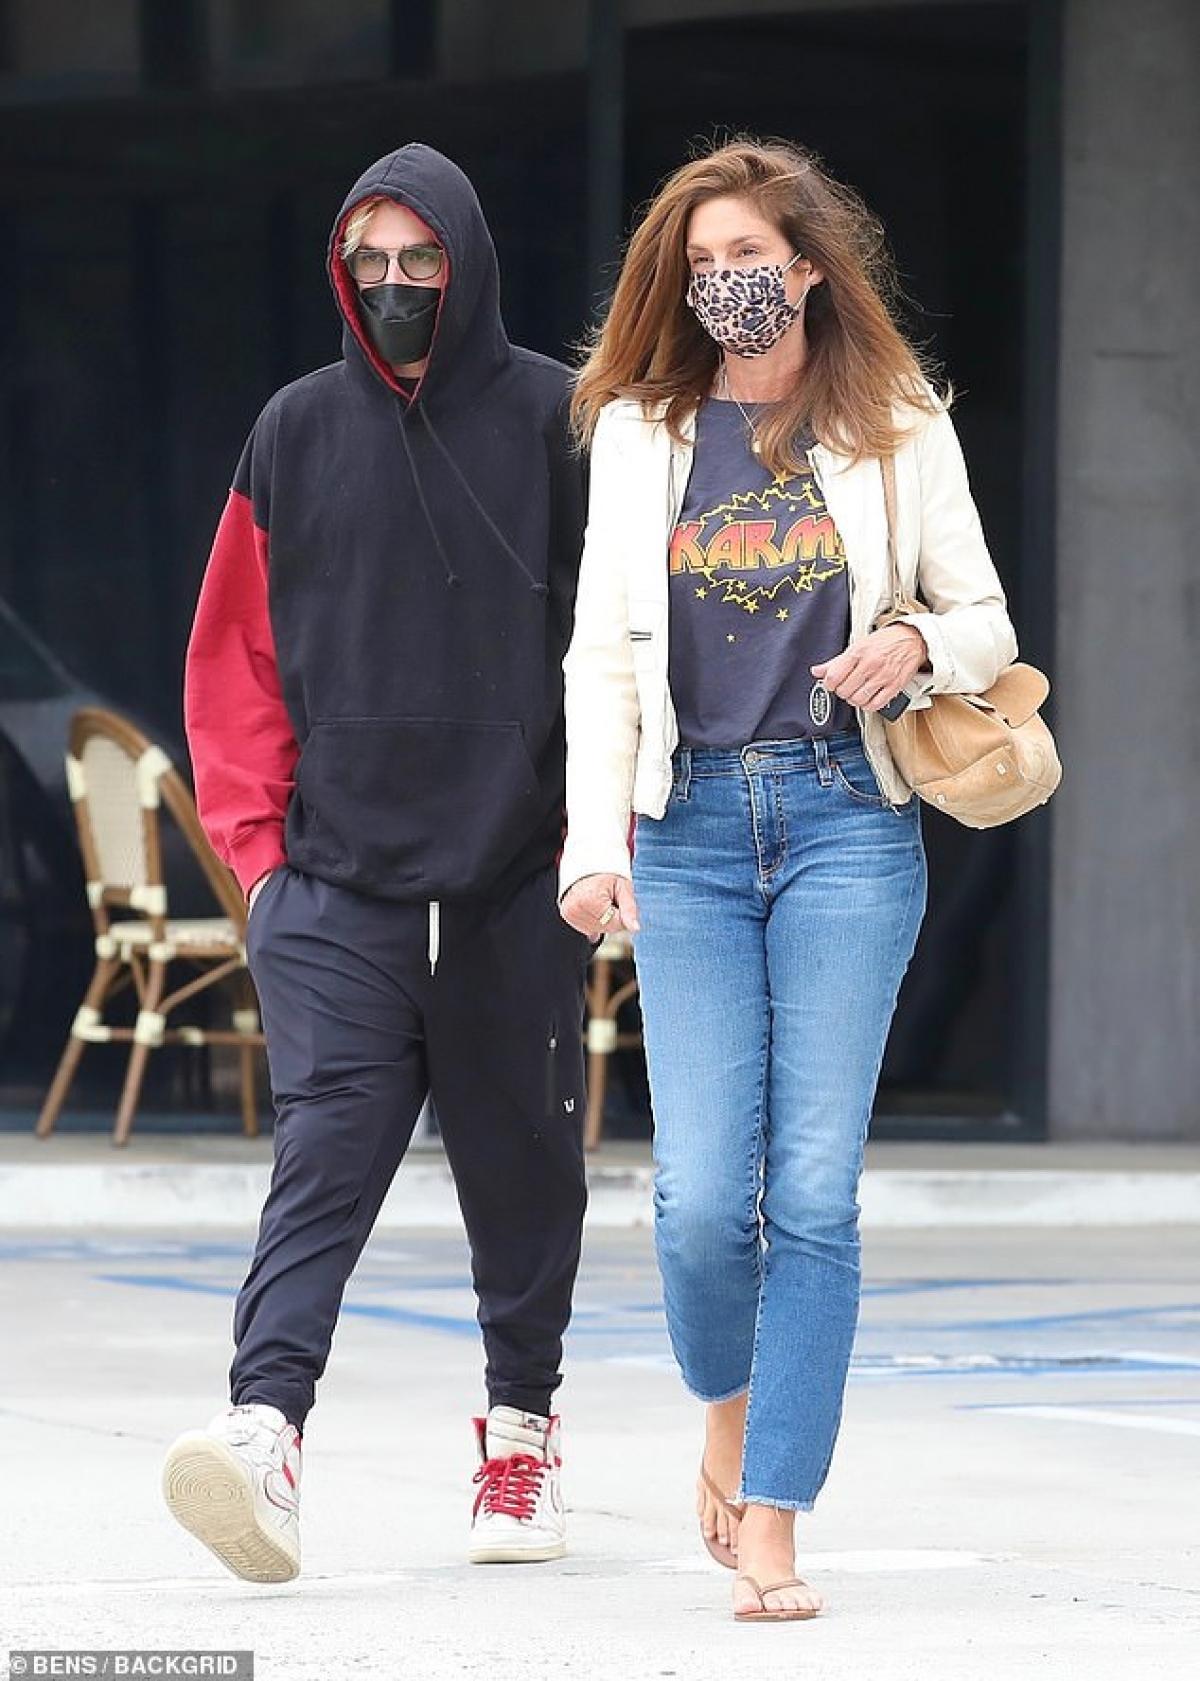 Hai mẹ con đeo khẩu trang cẩn thận để bảo vệ bản thân và cộng đồng trong thời điểm dịch bệnh.